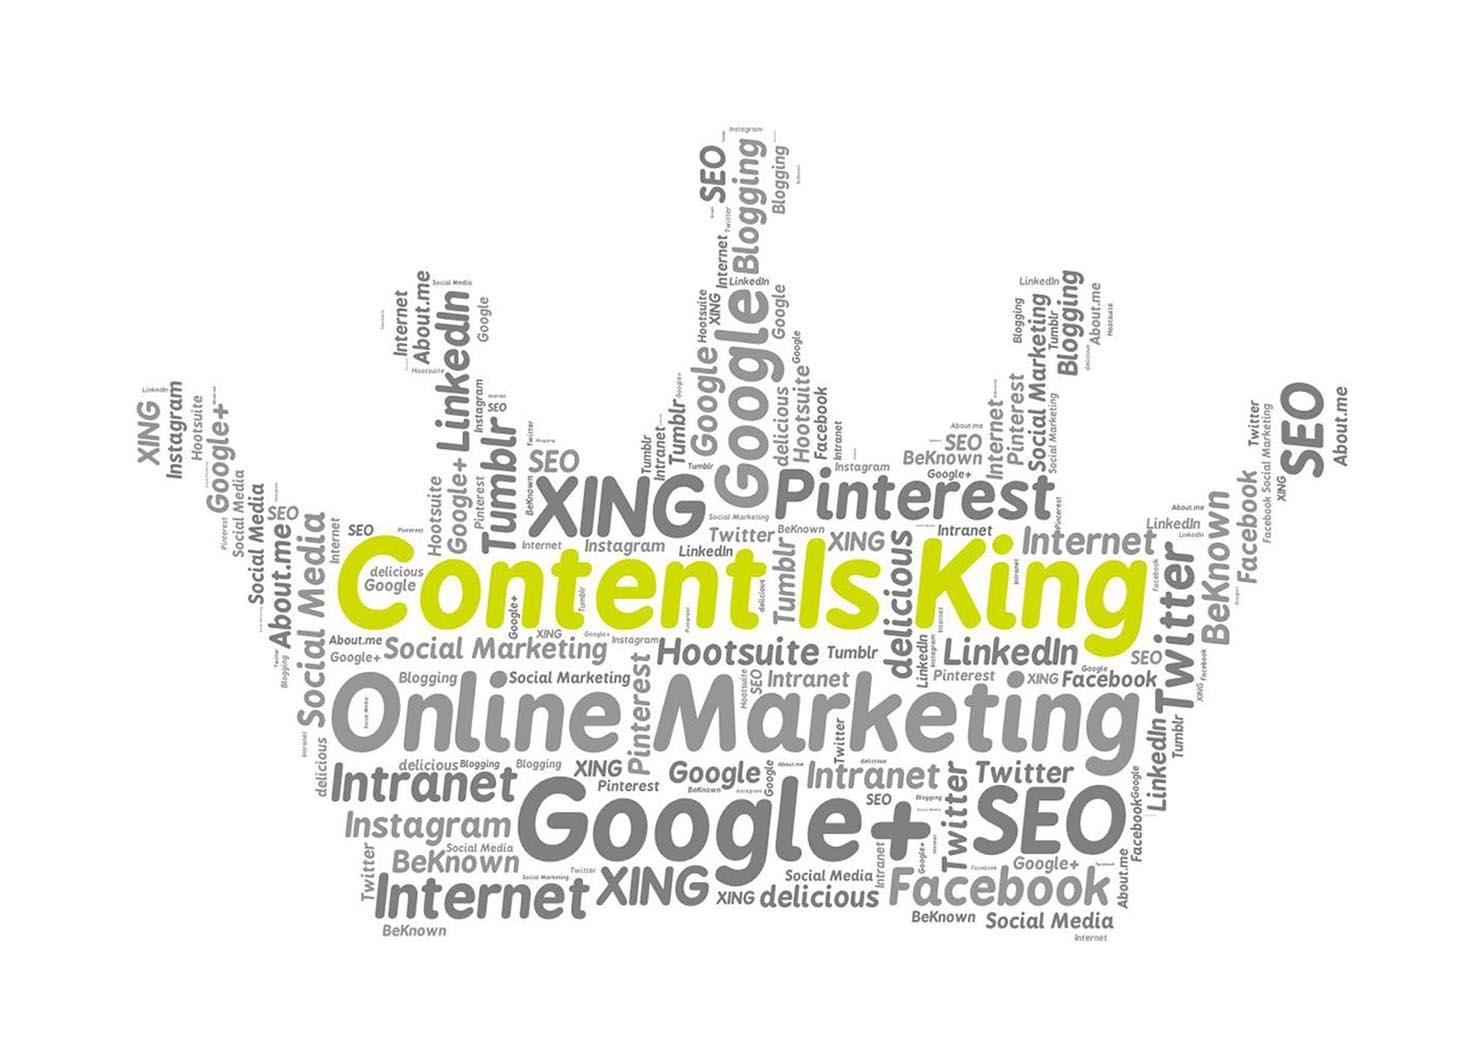 konten berkualitas menjamin marketing di media sosial sukses